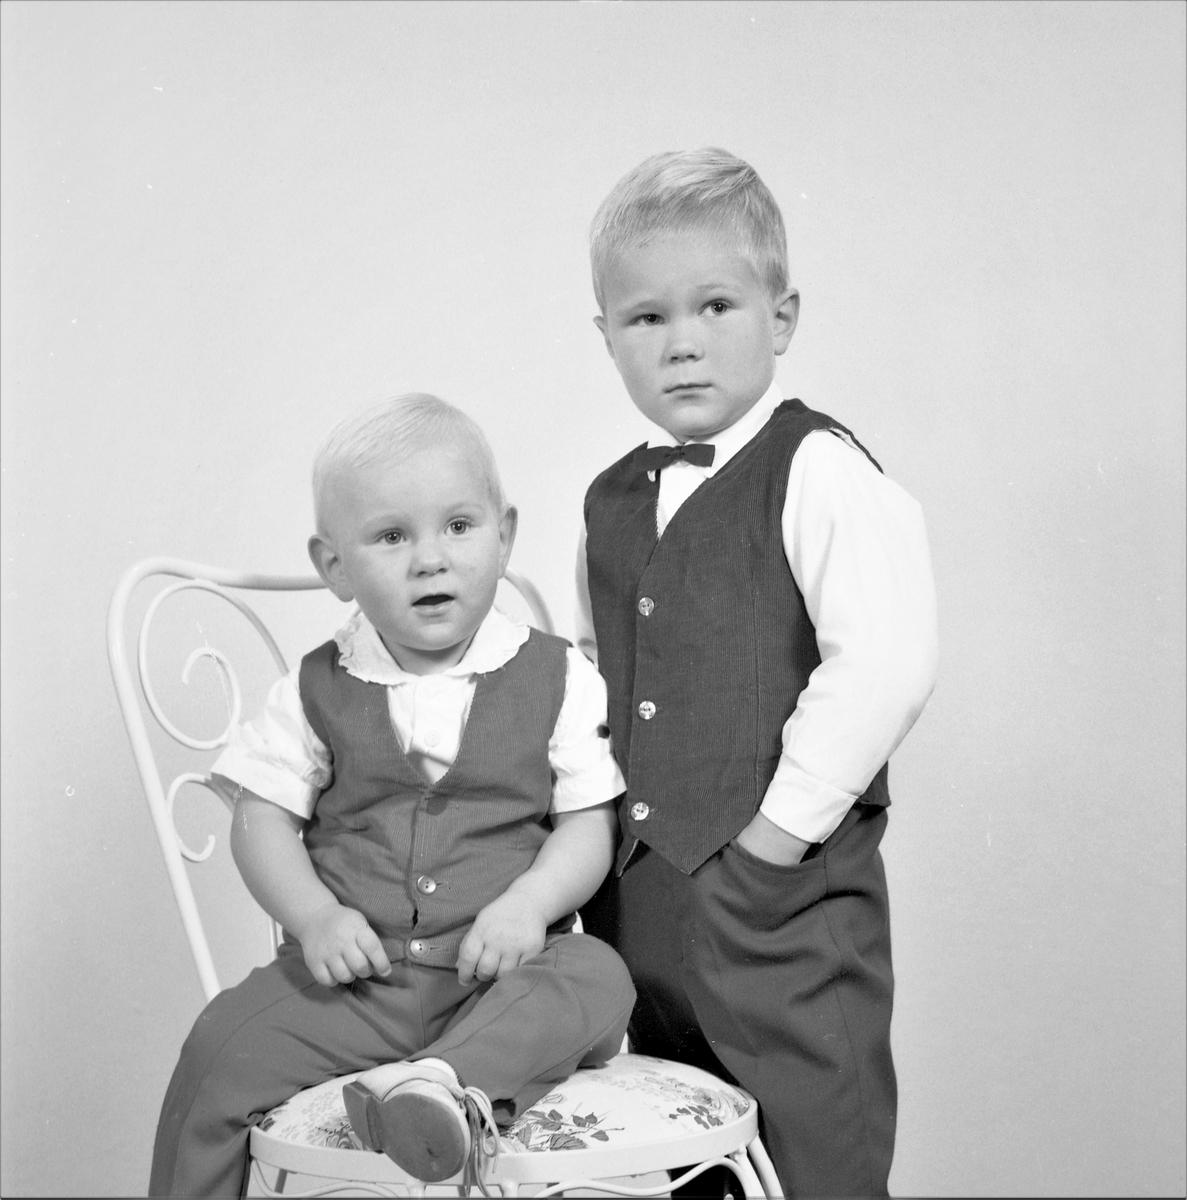 Portrett.To unge gutter. Bestilt av Otto Eide. 5550 Førland